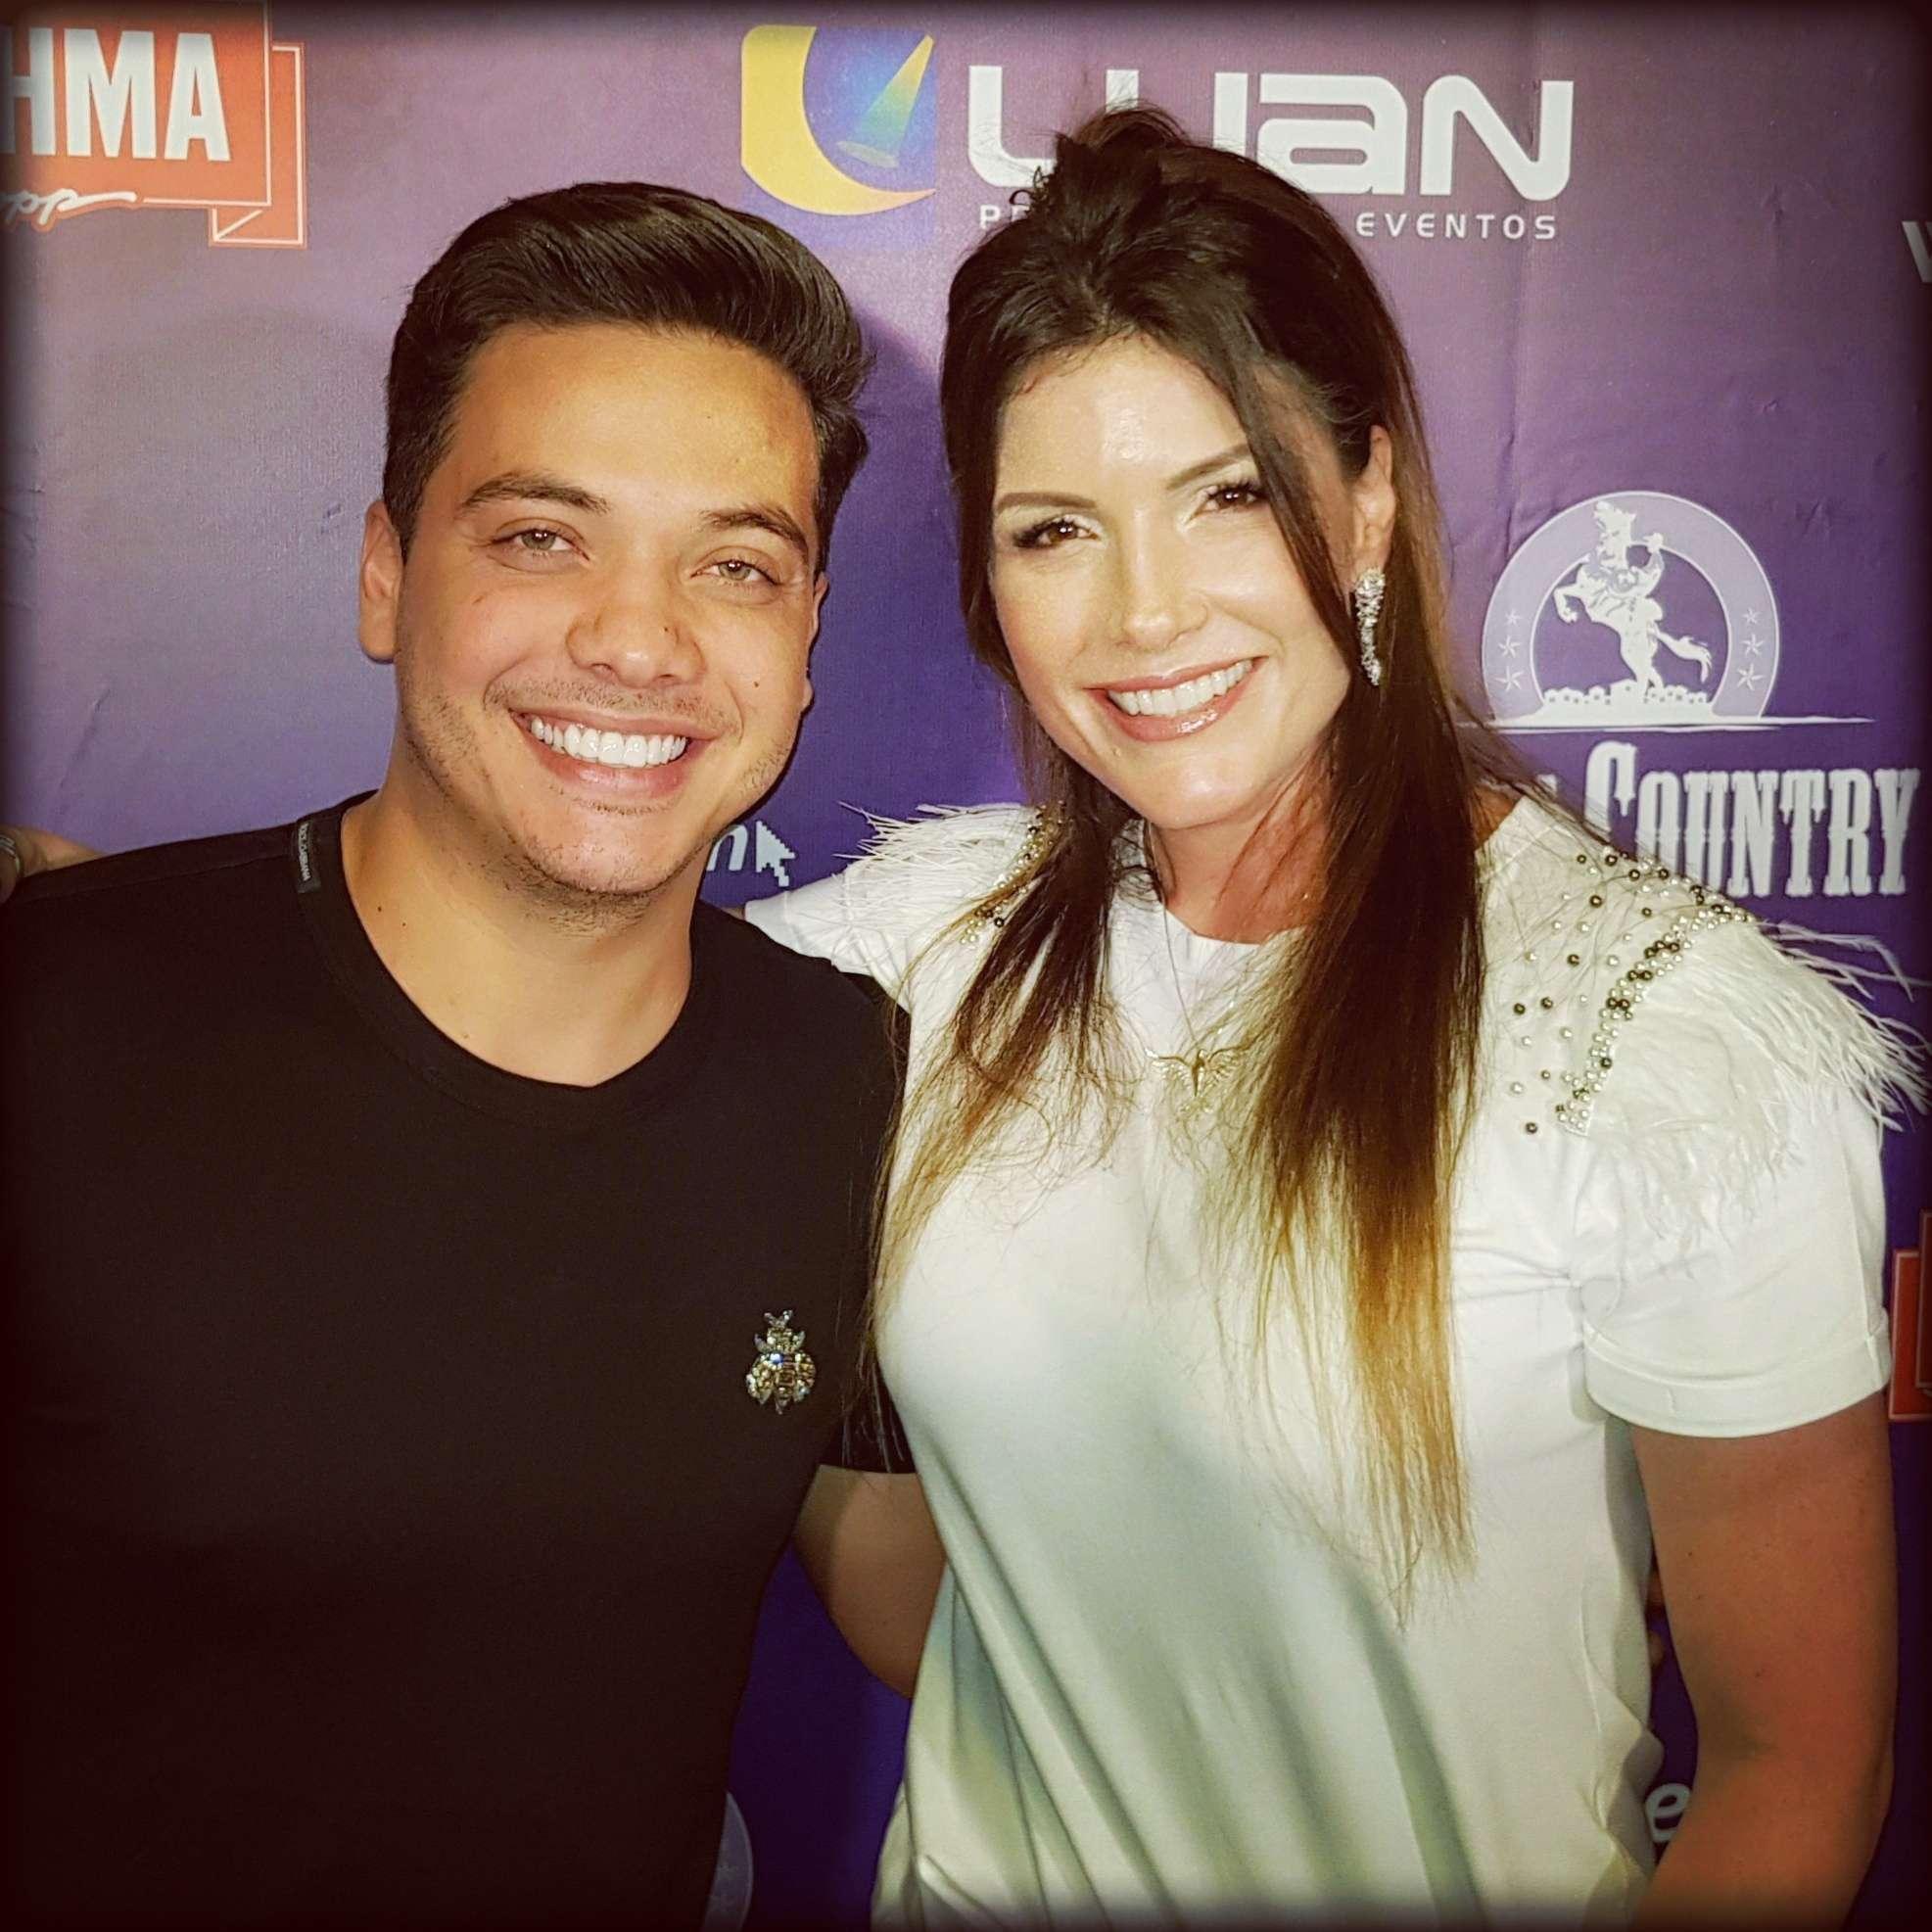 Wesley Safadão e Lucyana Villar-namidia-foto divulgação